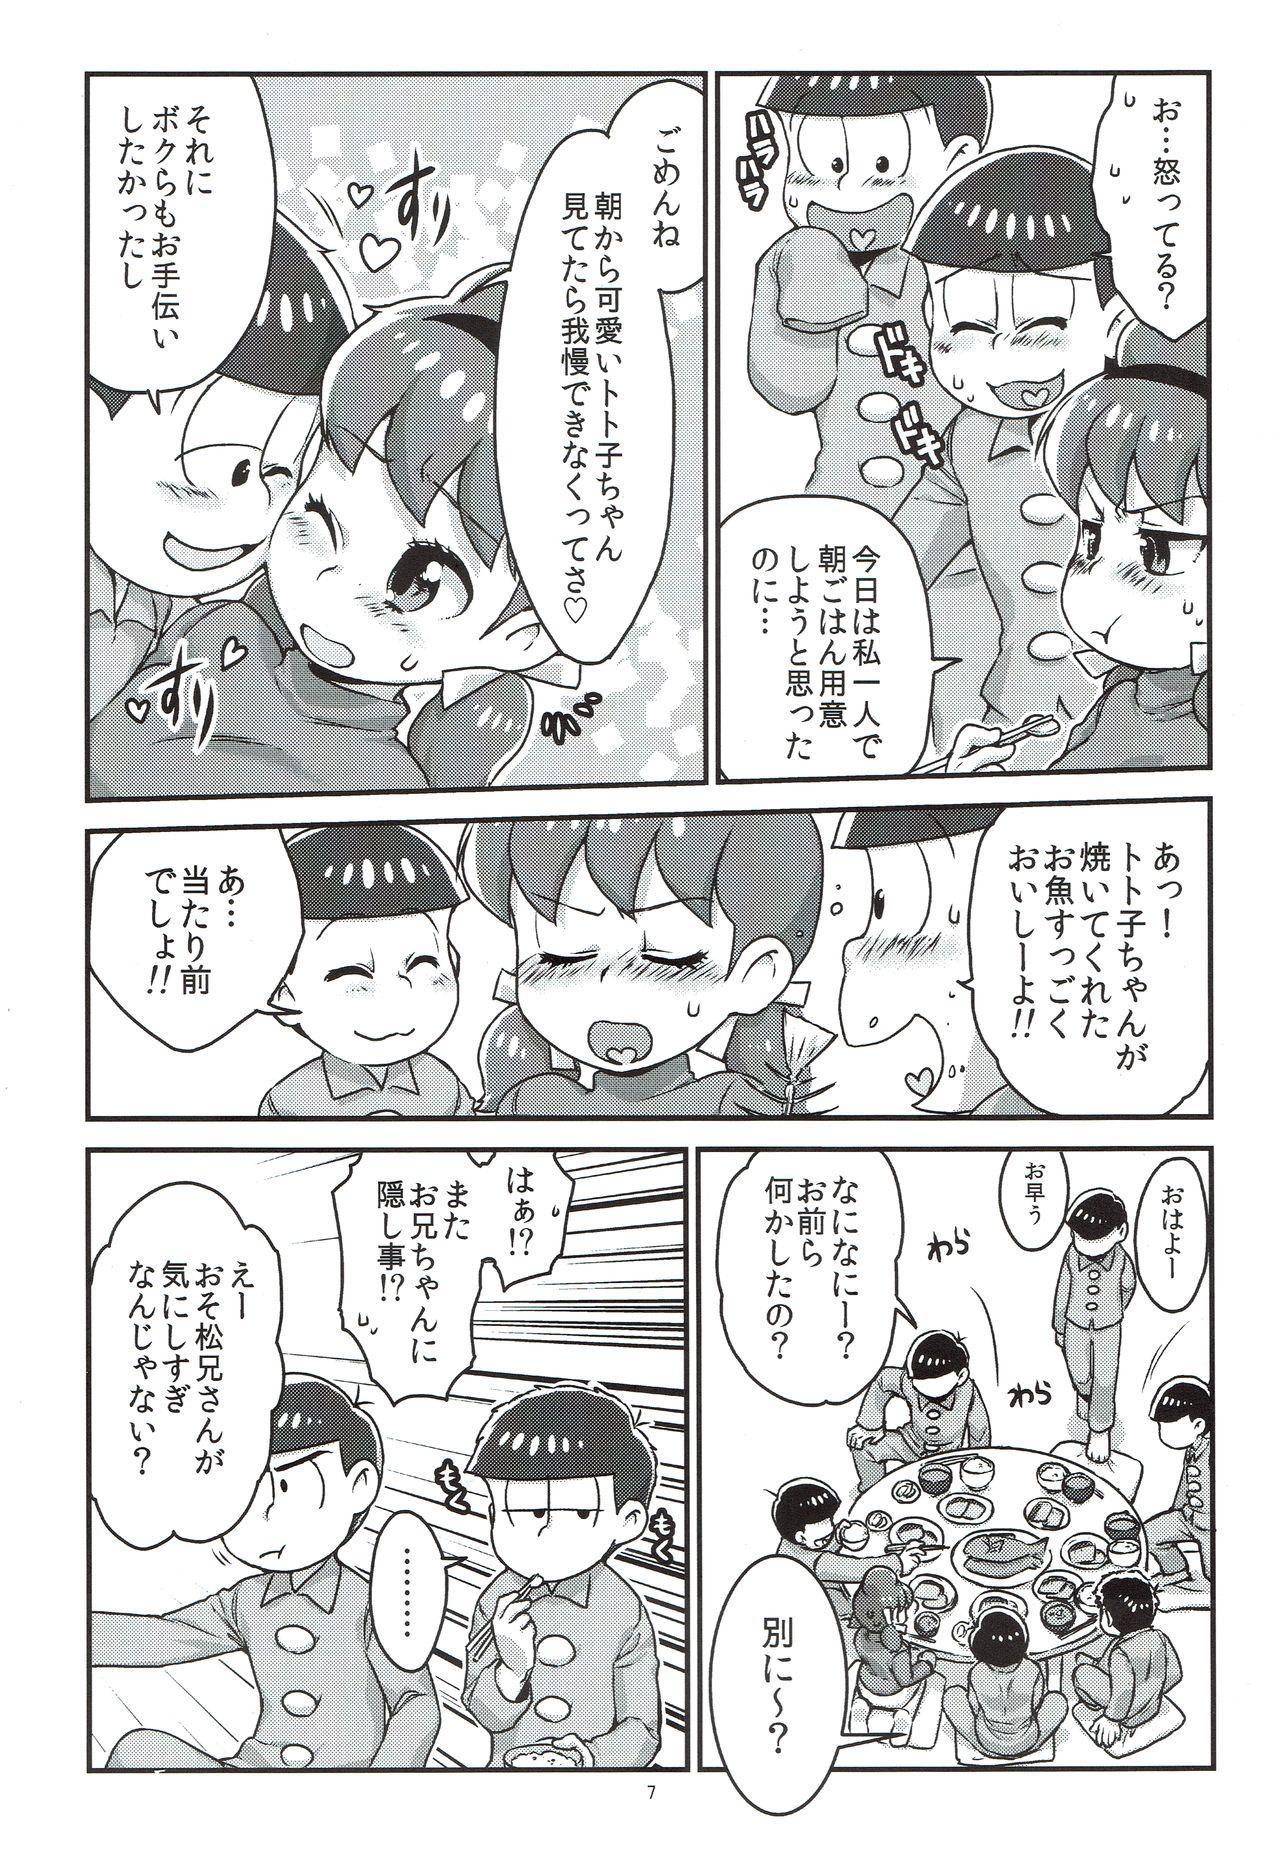 Mutsugo to Totoko-chan no Juukon Seikatsu 7